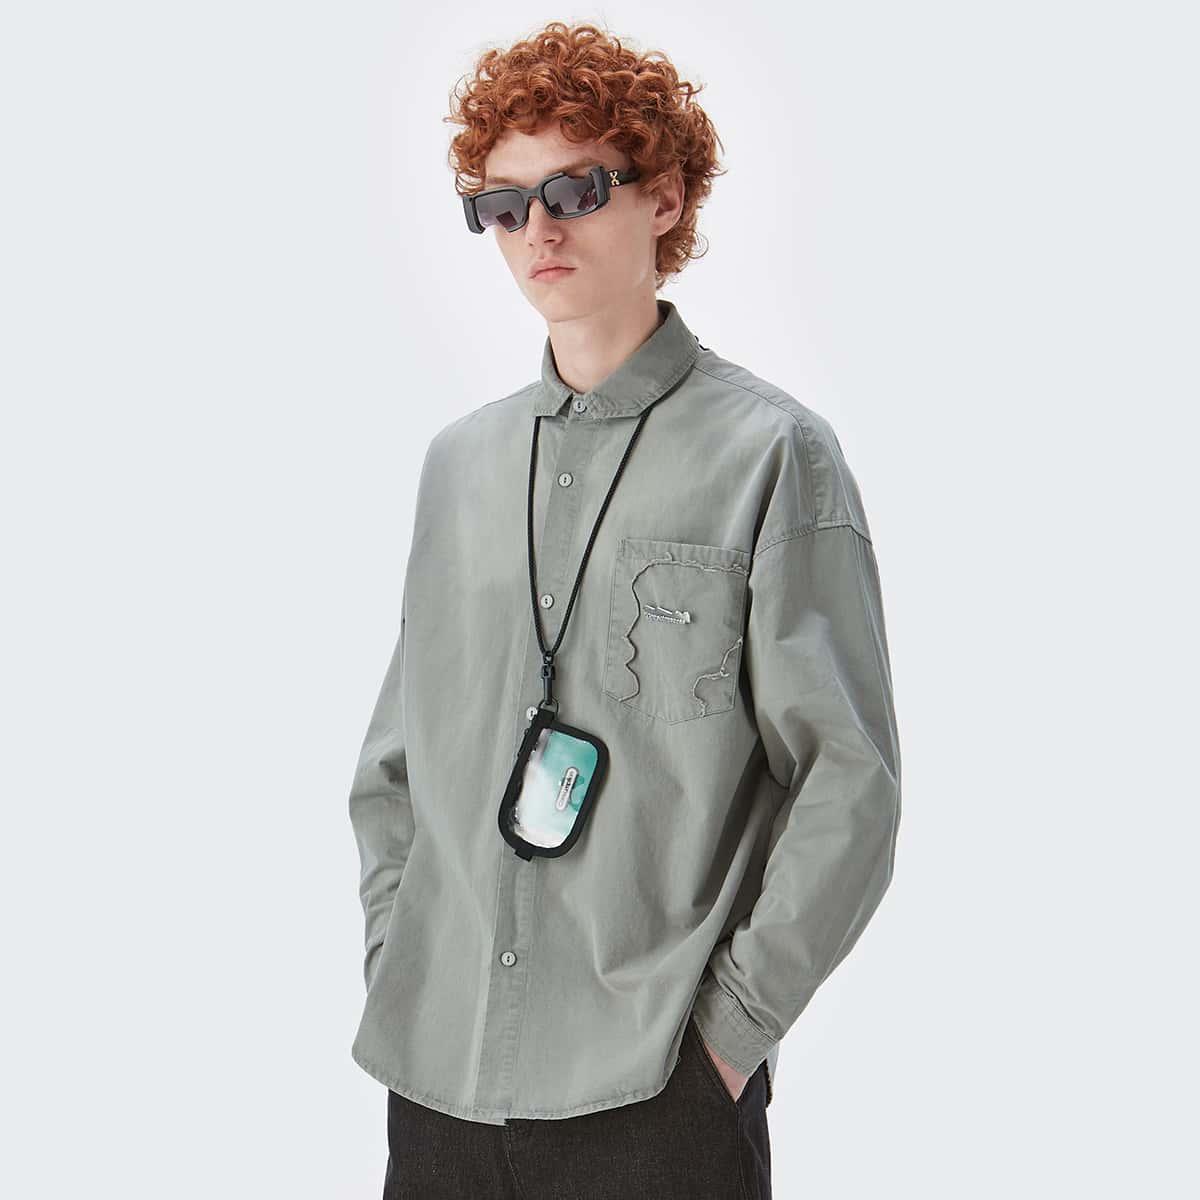 Мужской Рубашка с металлическим декором на пуговицах